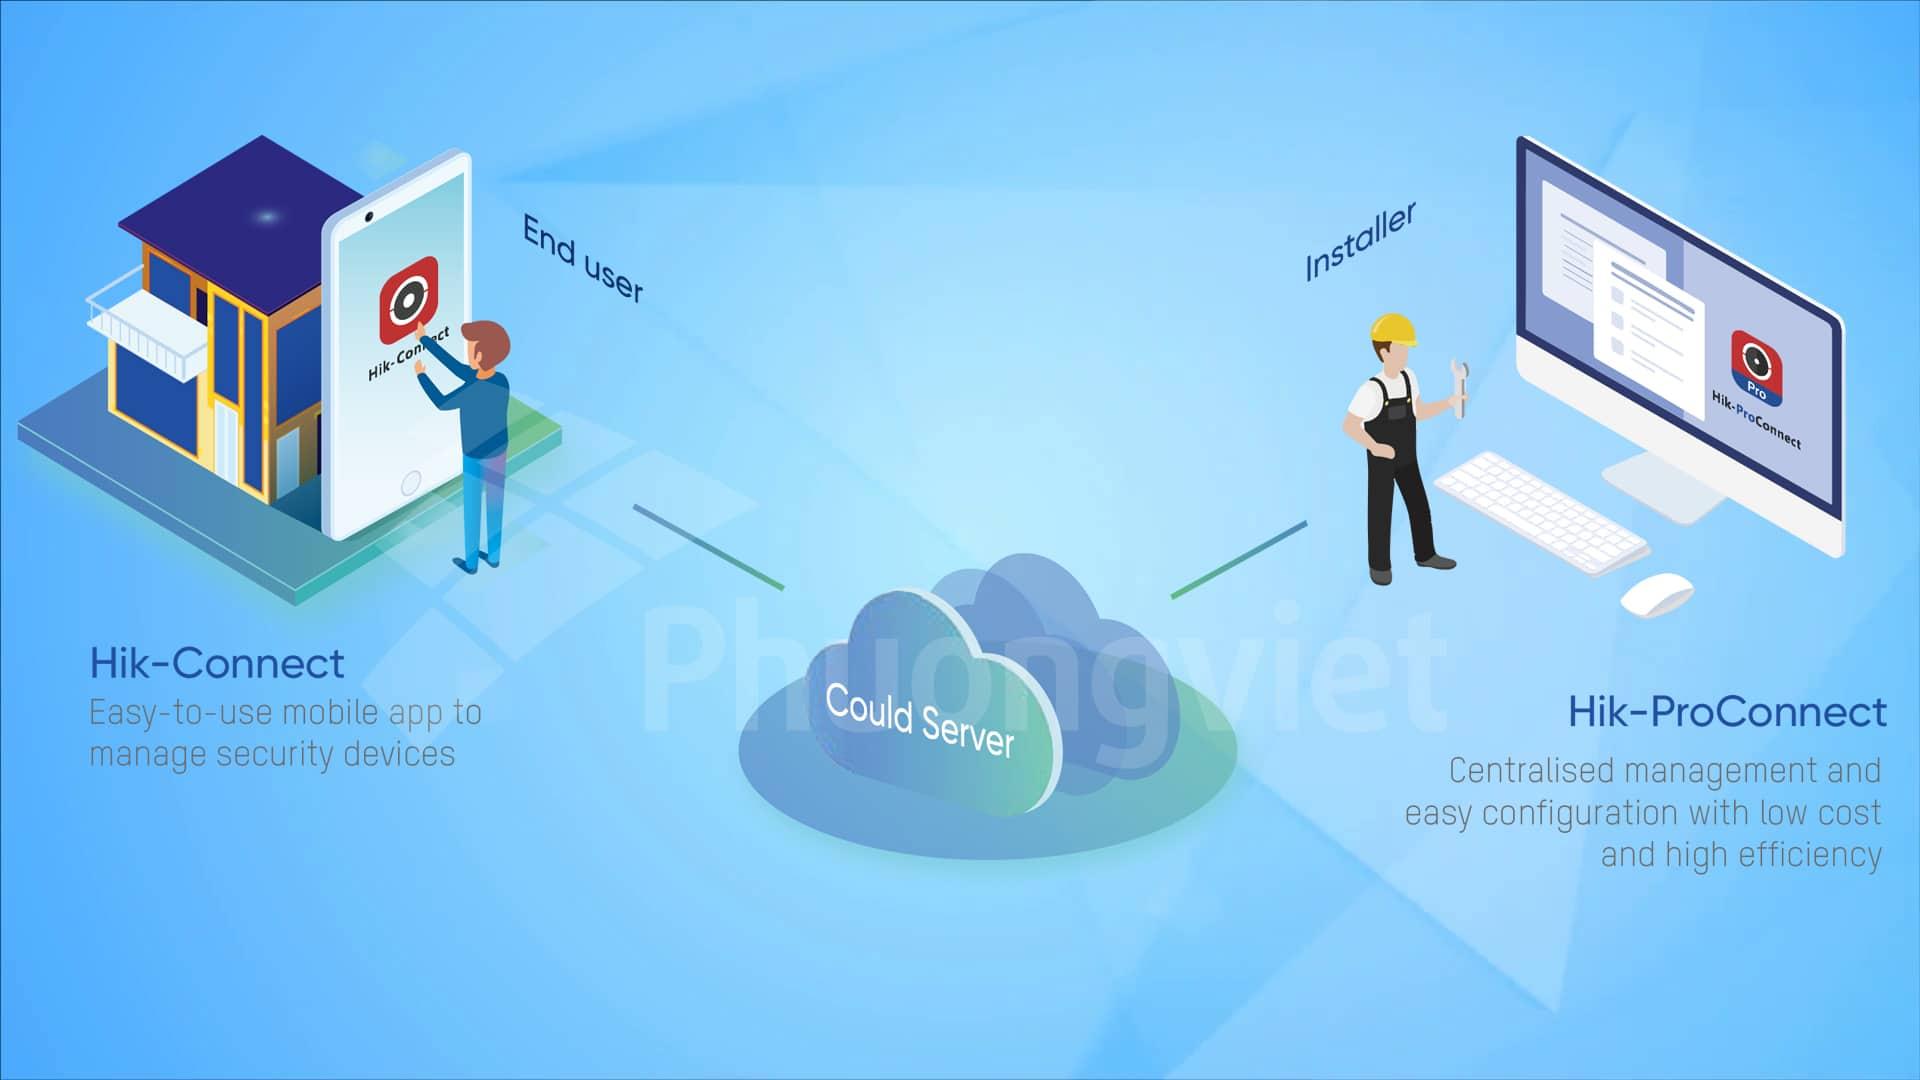 hik proconnect cho phép giám sát bảo trì thiết bị từ xa